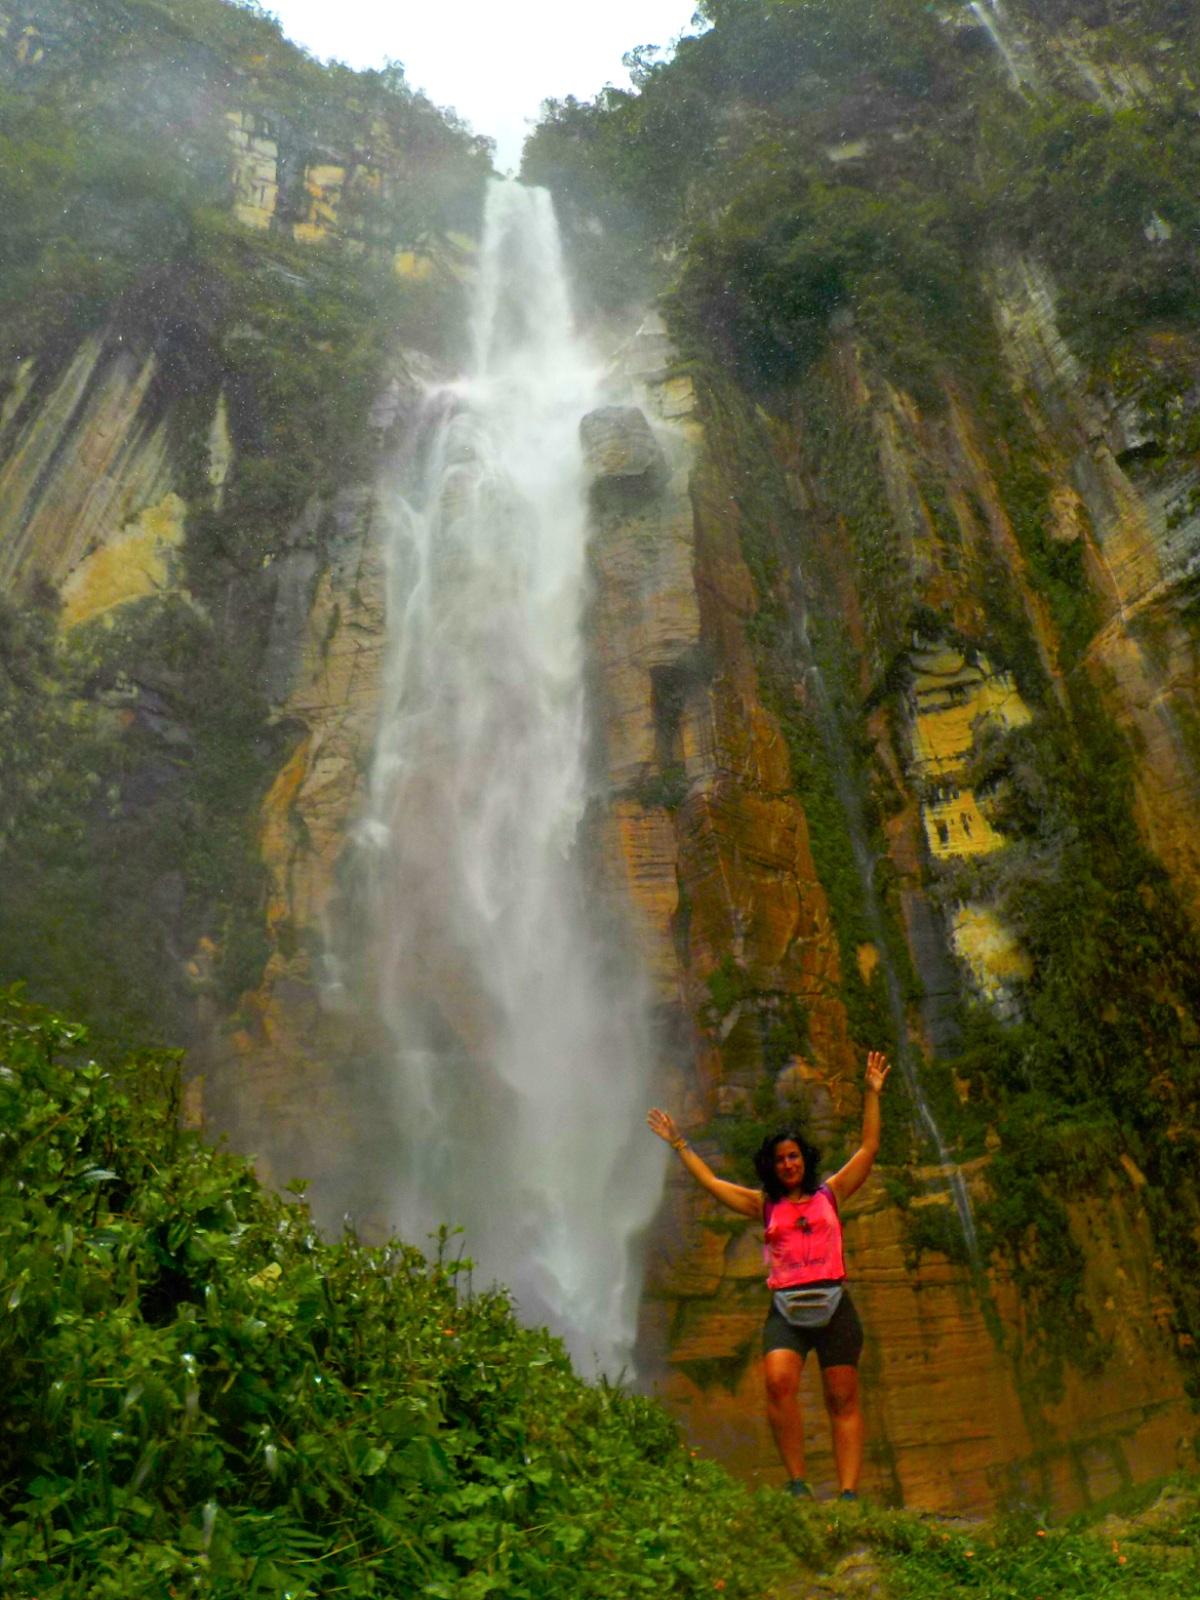 Catarata de Yumbilla, Chachapoyas, Perú